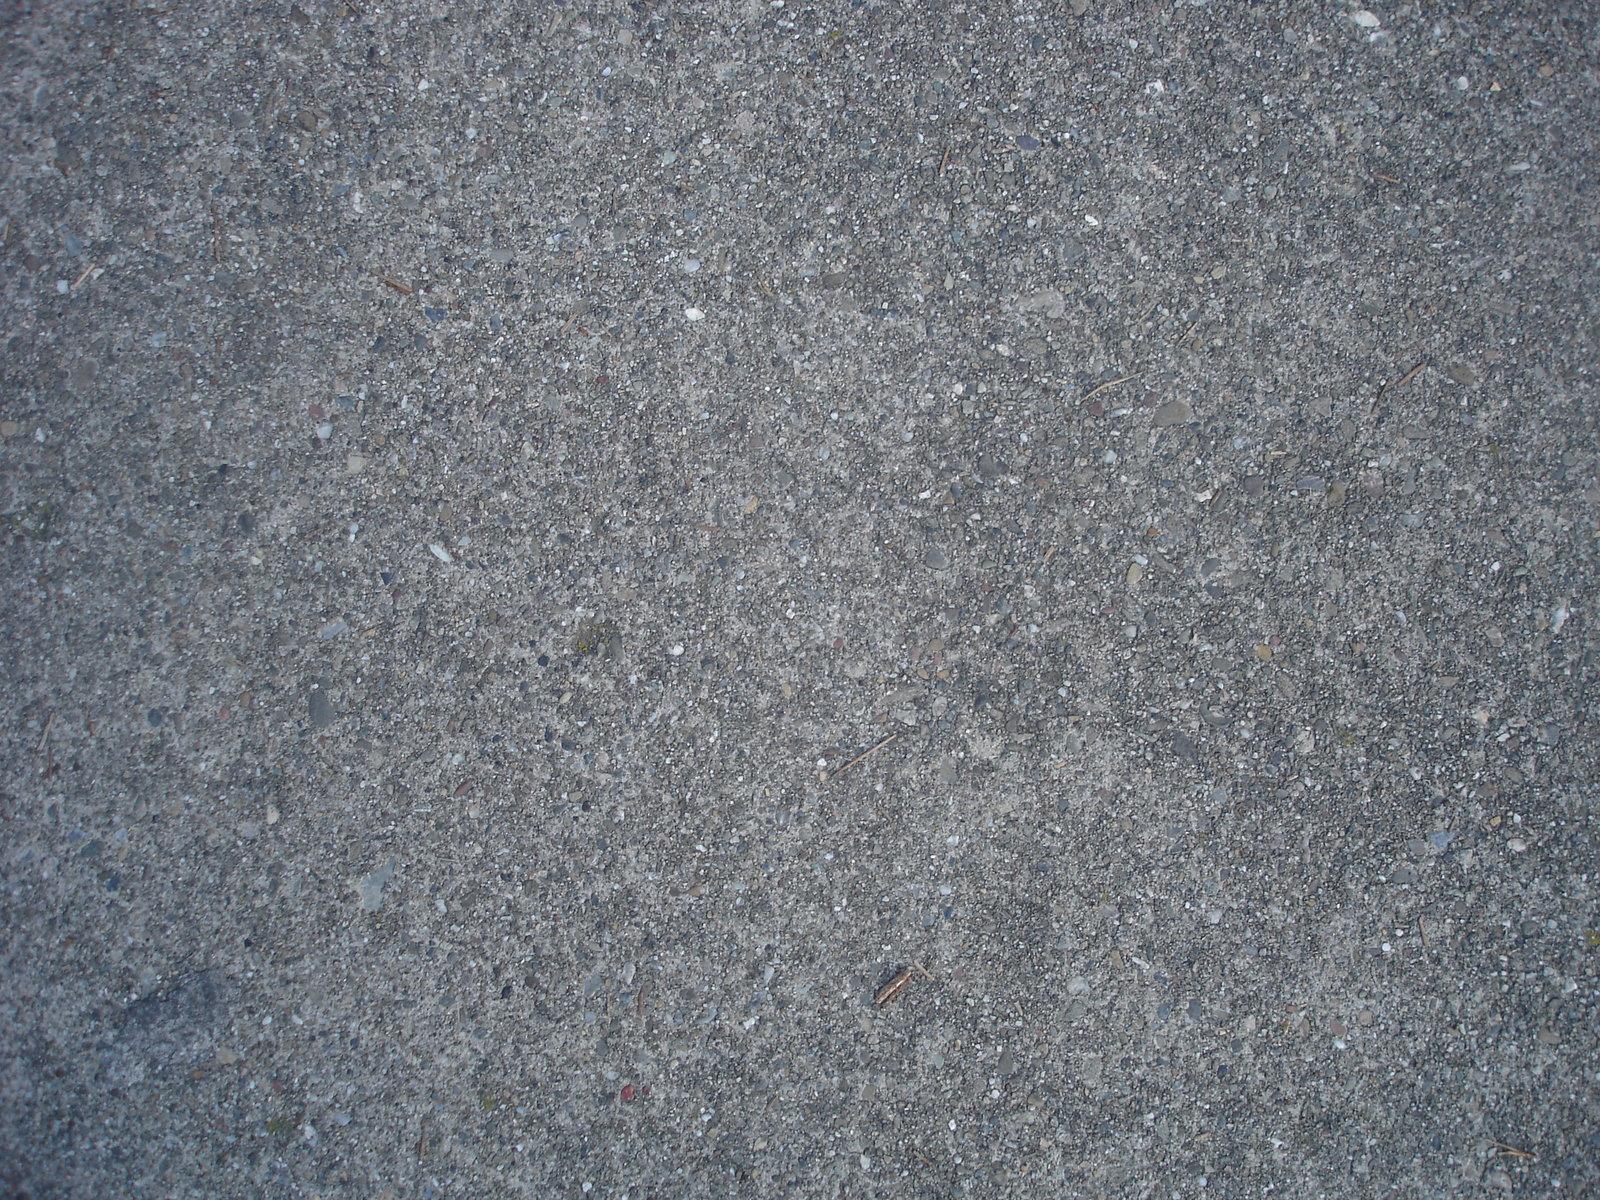 текстура грунта: